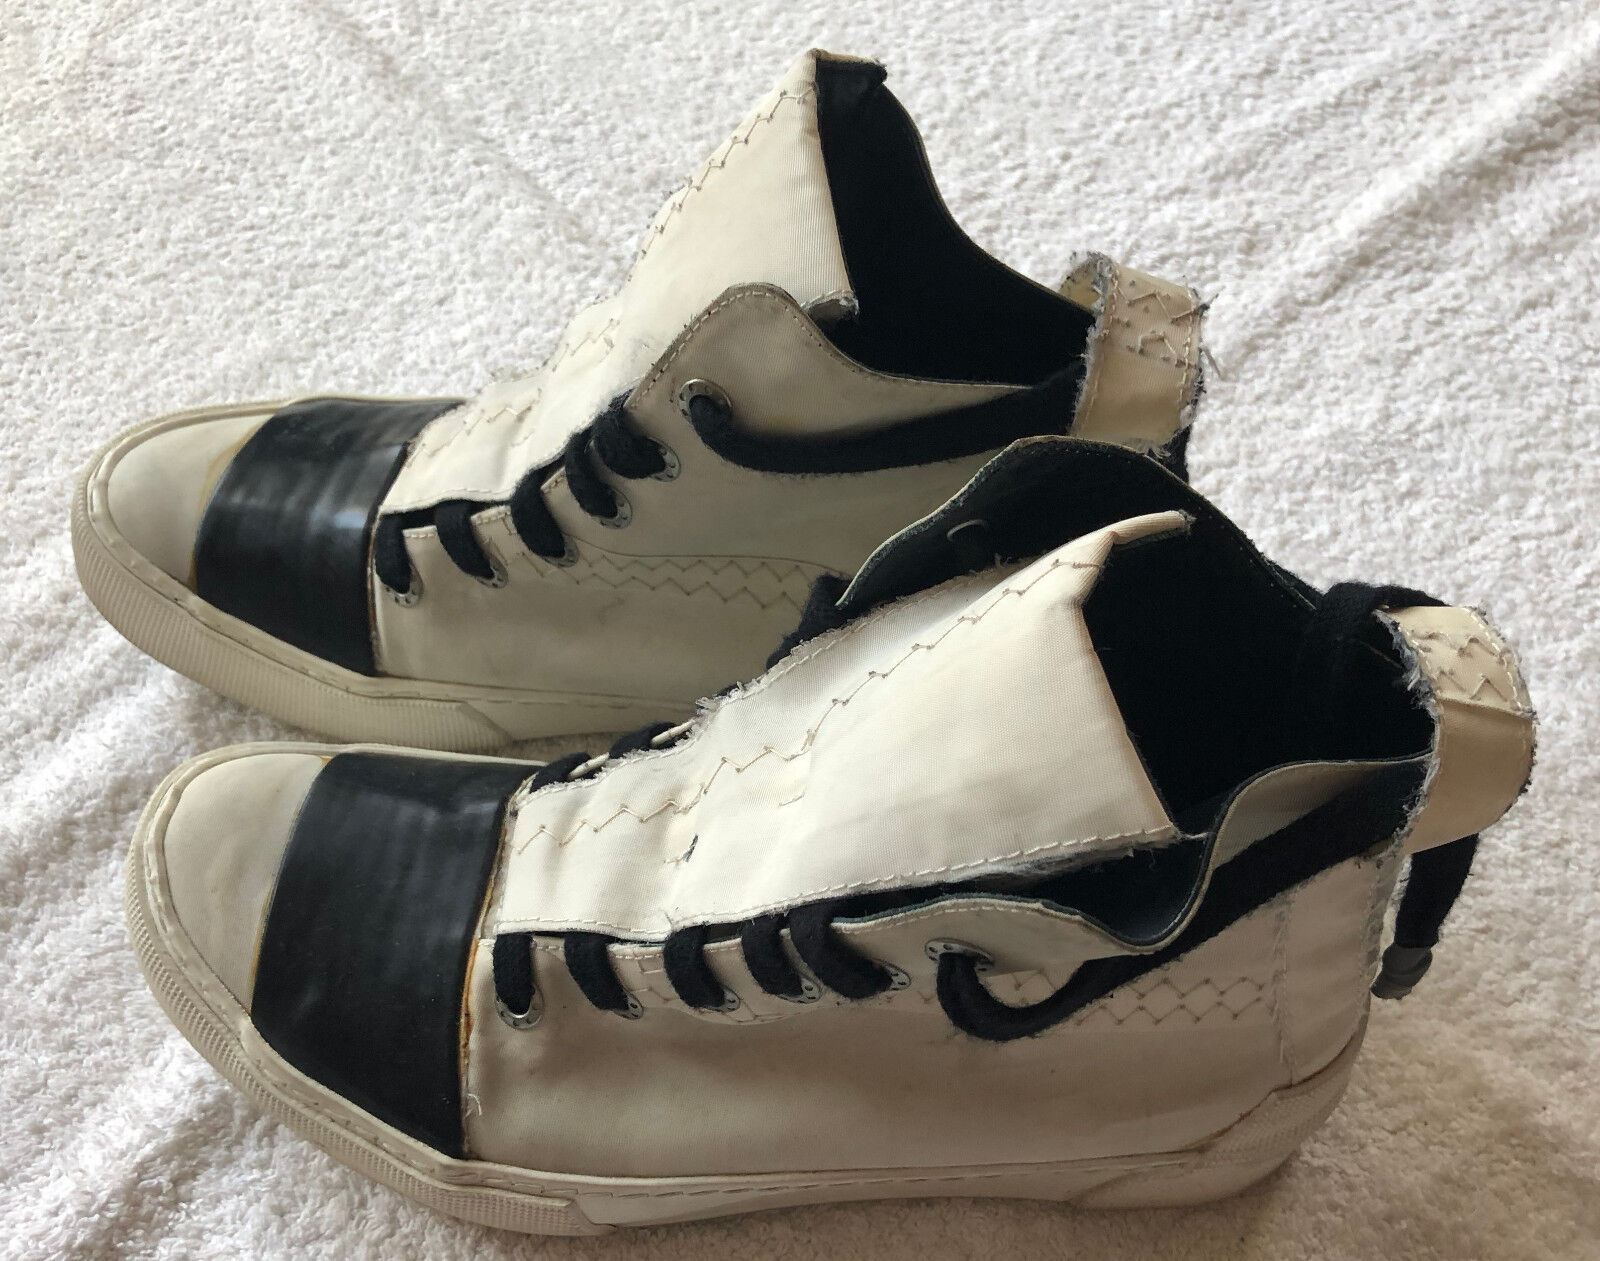 newest collection 793c9 1e5cc Read Read Read Description Nike X Off White Presto. TRADE FOR WHITE PAIR!!  Read Read Read Description ...